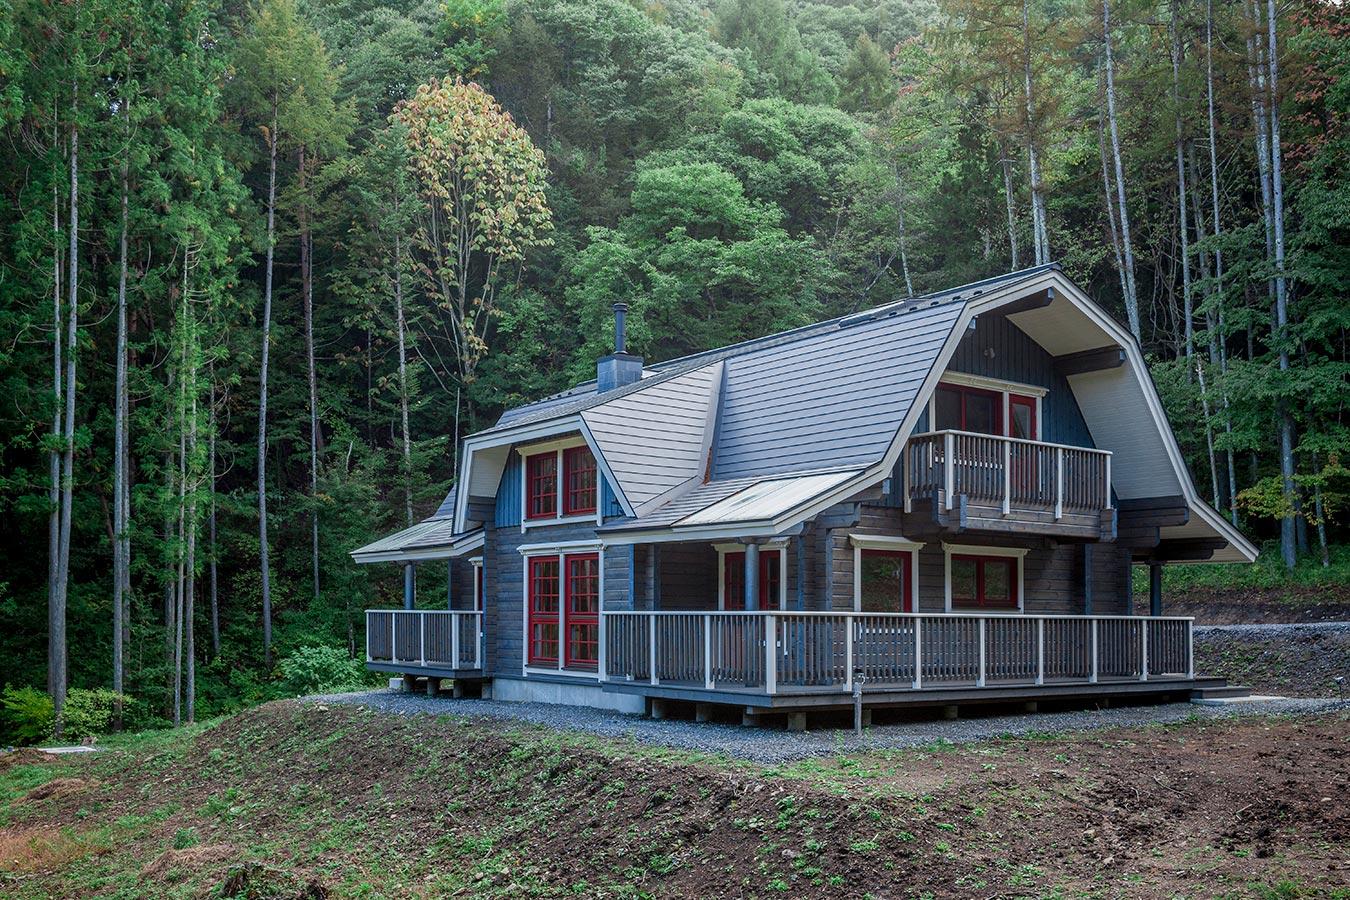 マンサード屋根が豊かな森を背に強い個性を感じさせます。